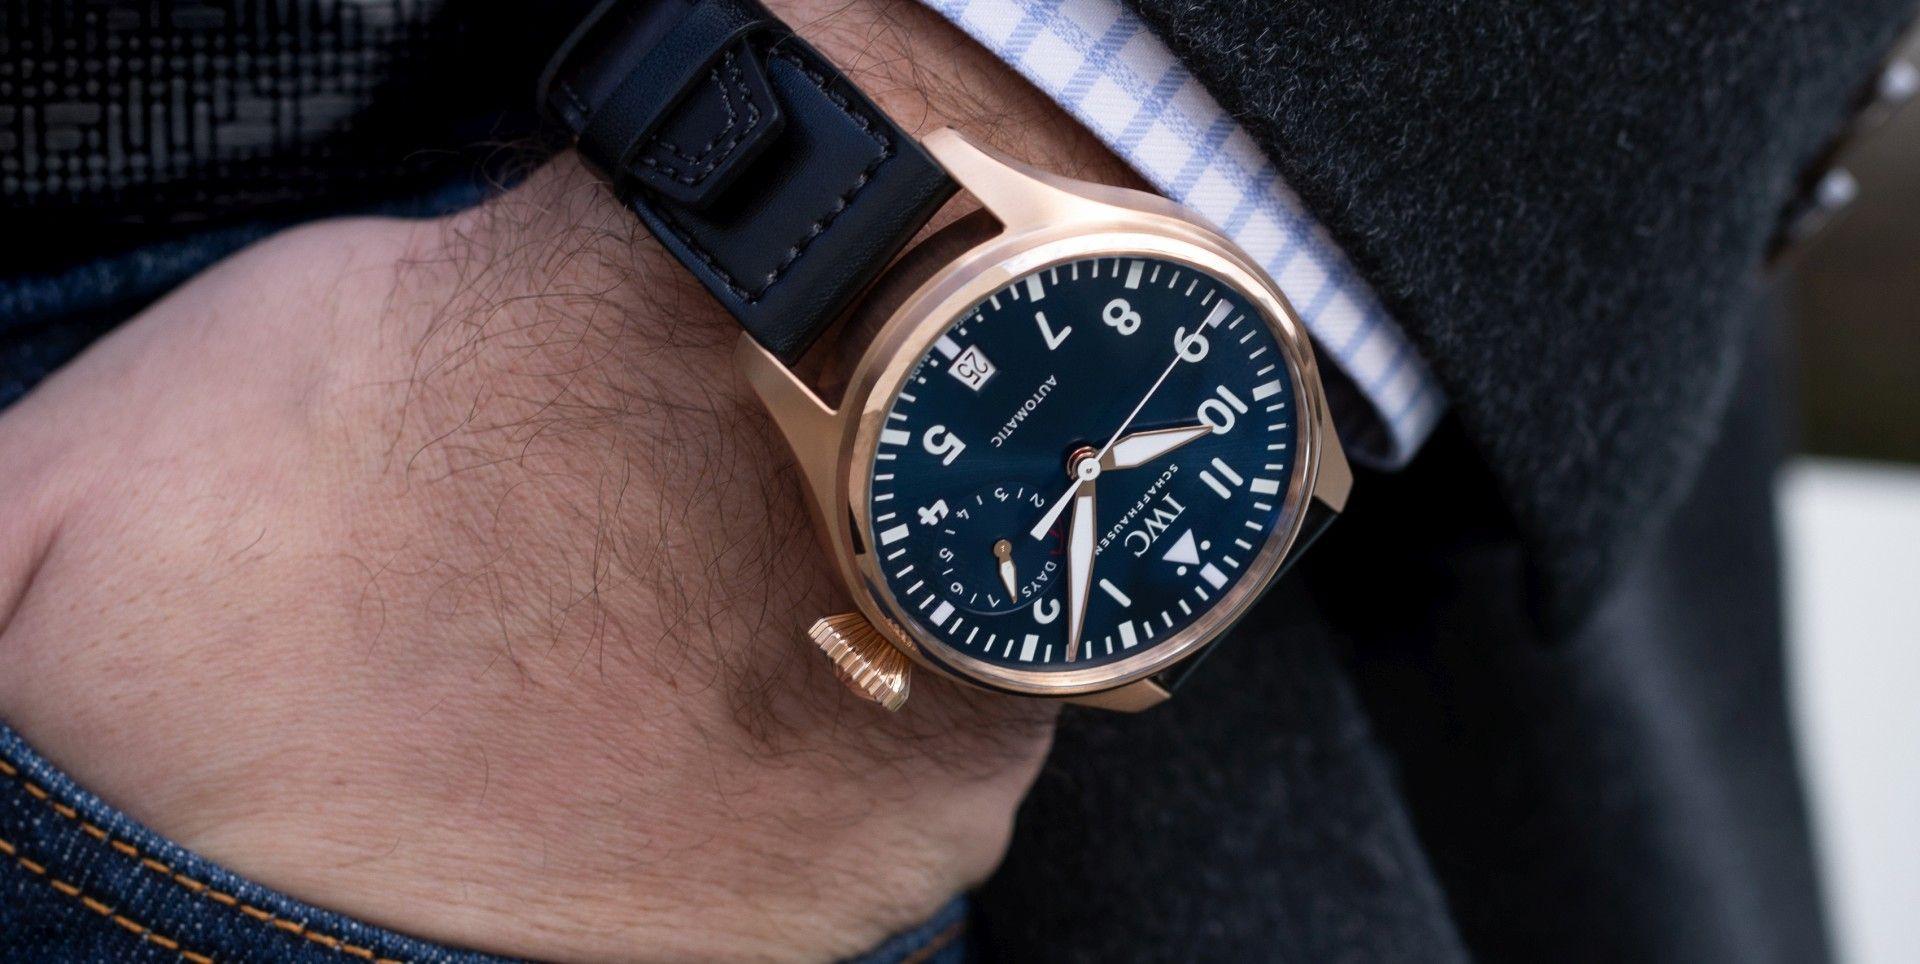 IWC萬國錶與布萊德利.庫柏共襄盛舉奧斯卡慈善活動,拍賣全球限量一枚的大型飛行員特別版腕錶